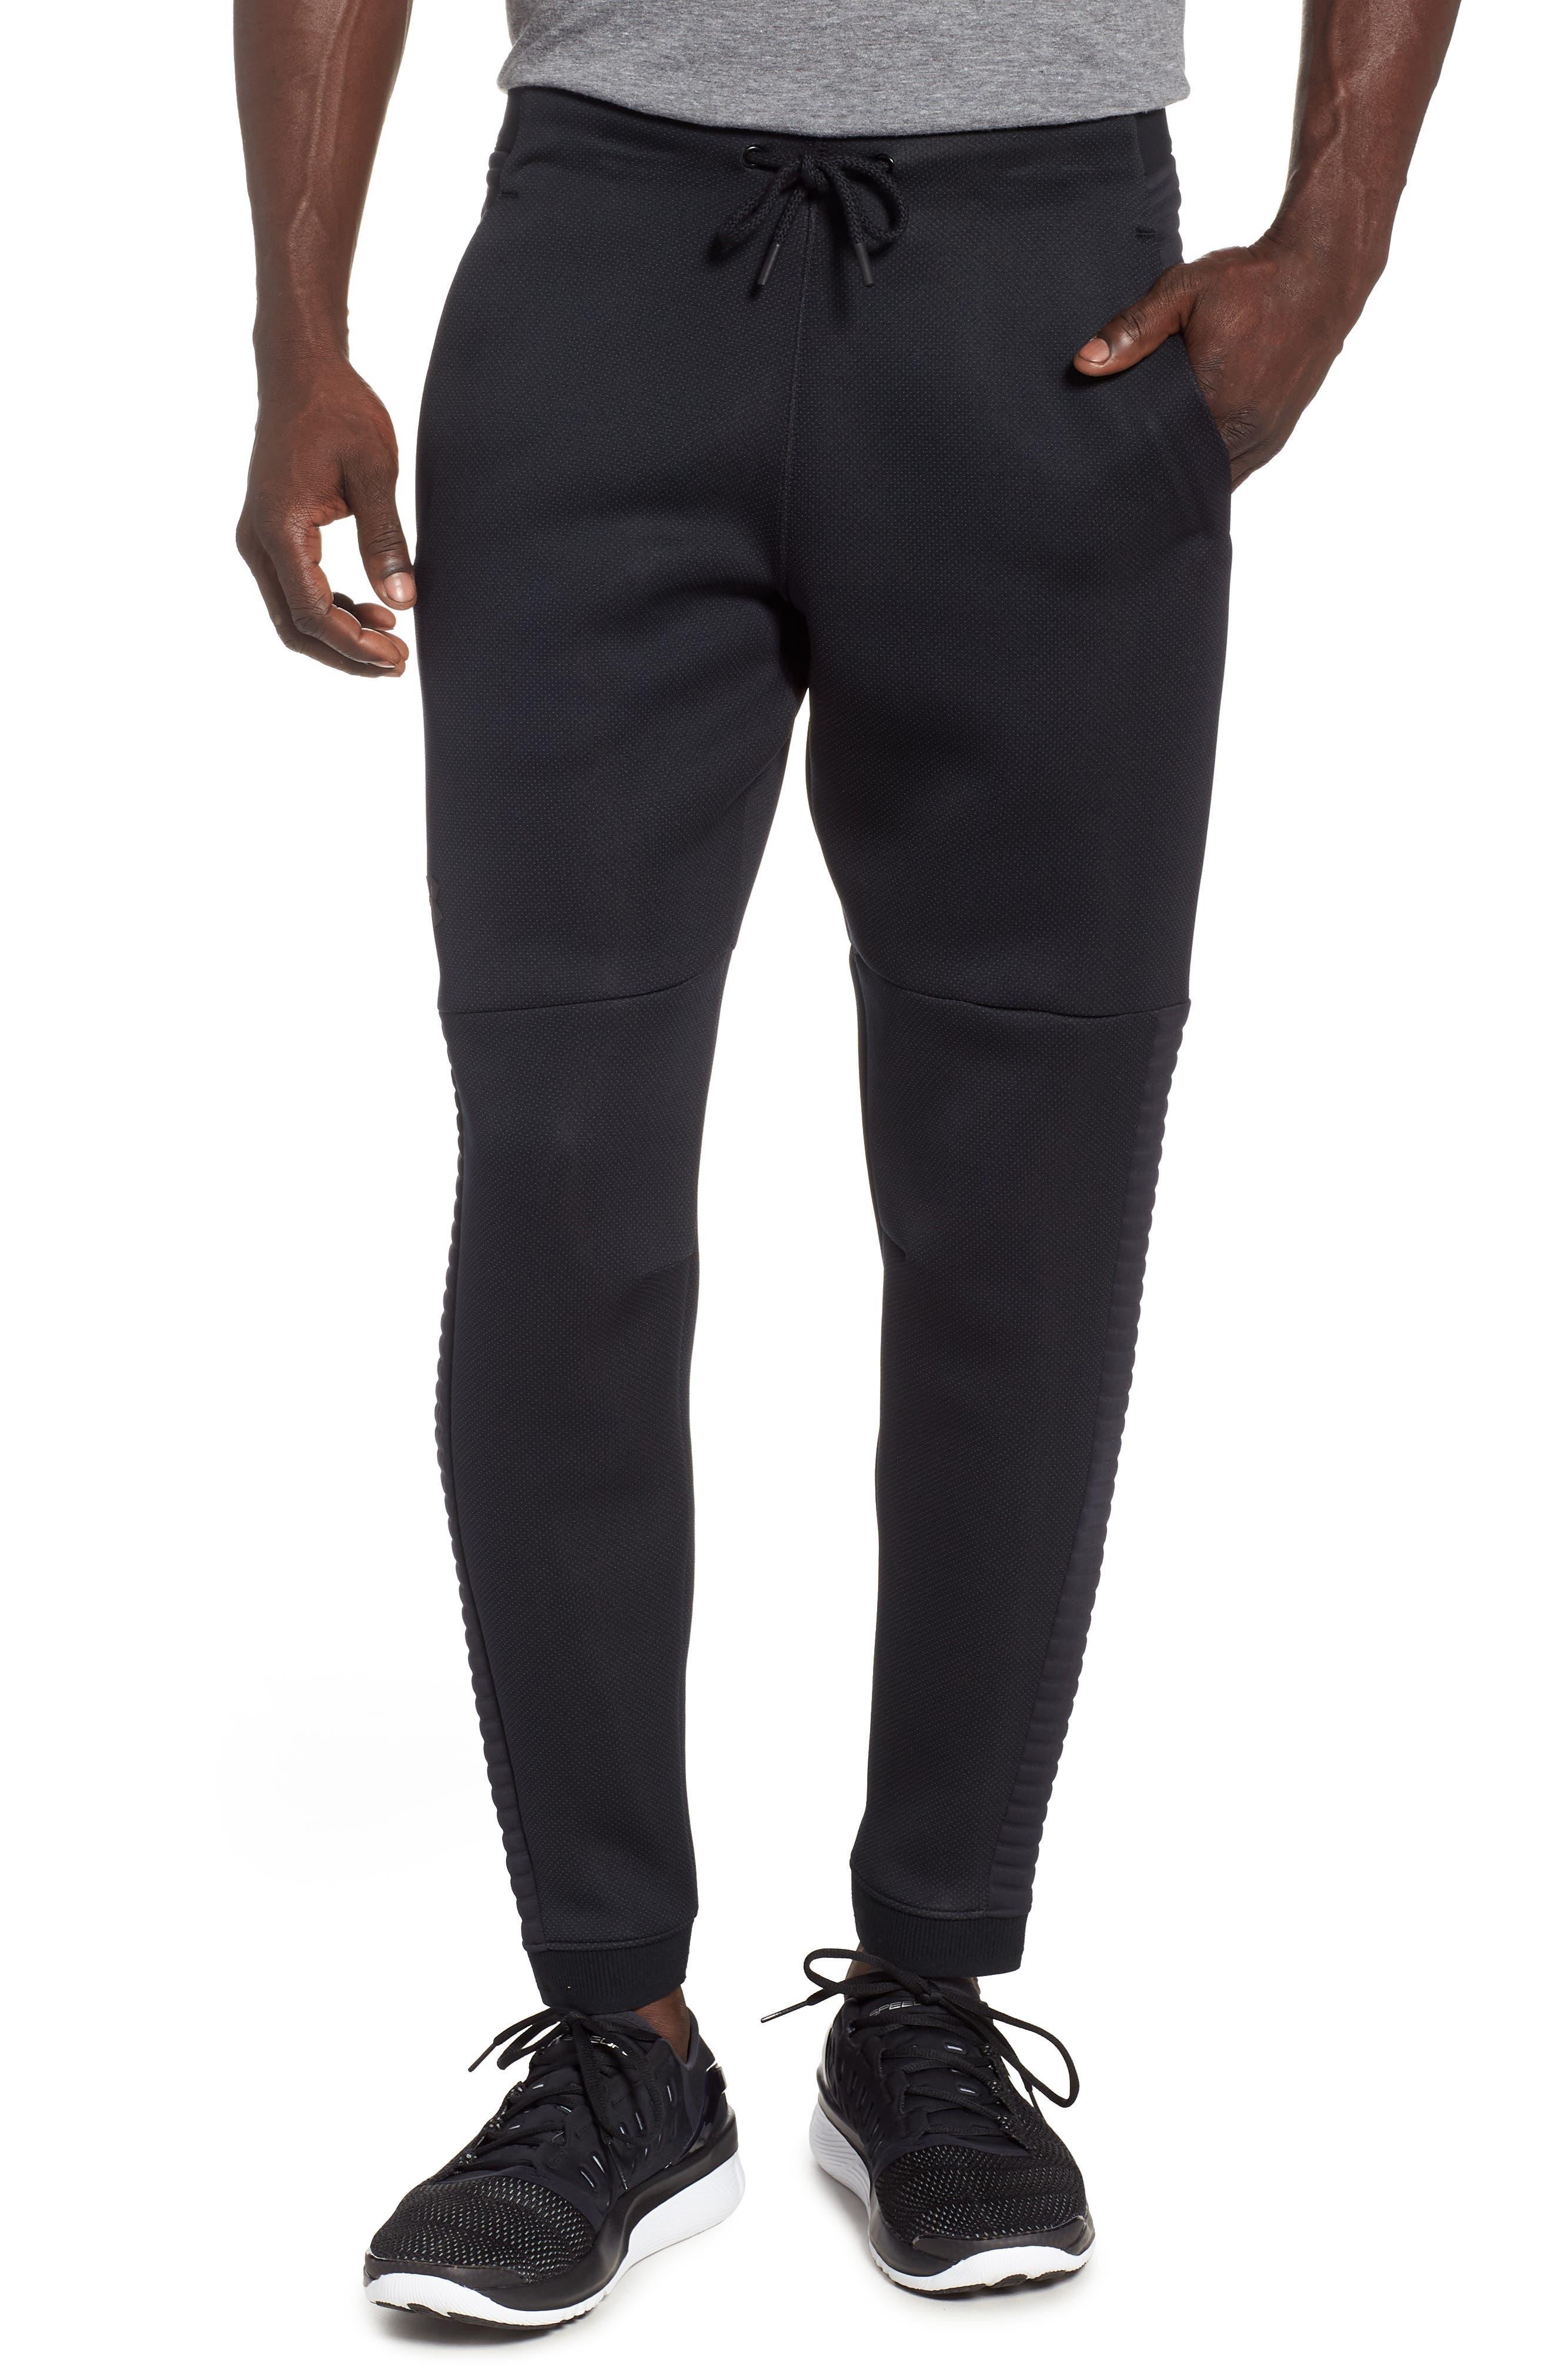 Unstoppable Move Airgap Pants,                         Main,                         color, BLACK/ CHARCOAL/ BLACK